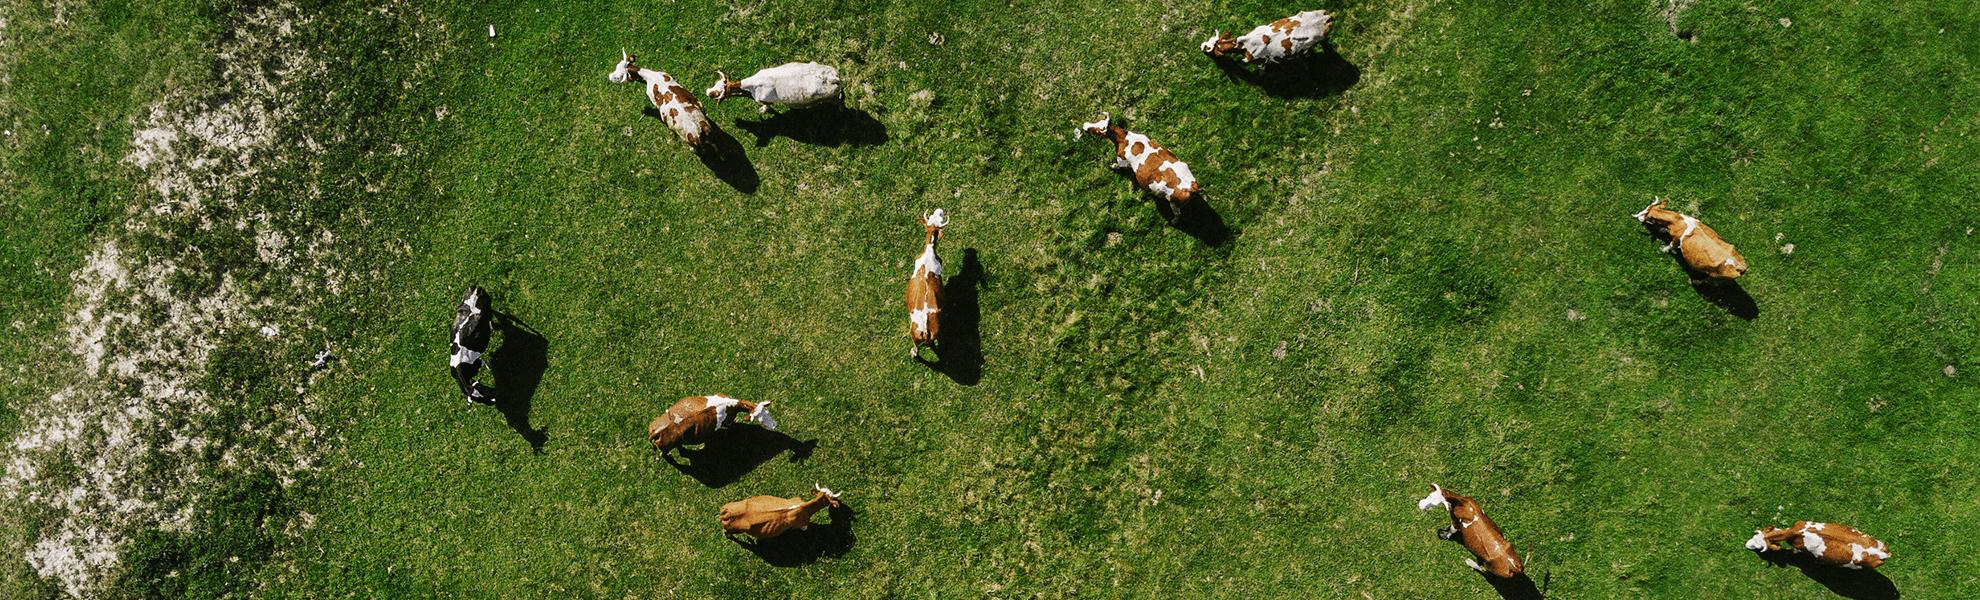 Prekyba gyvūlininkystės įranga